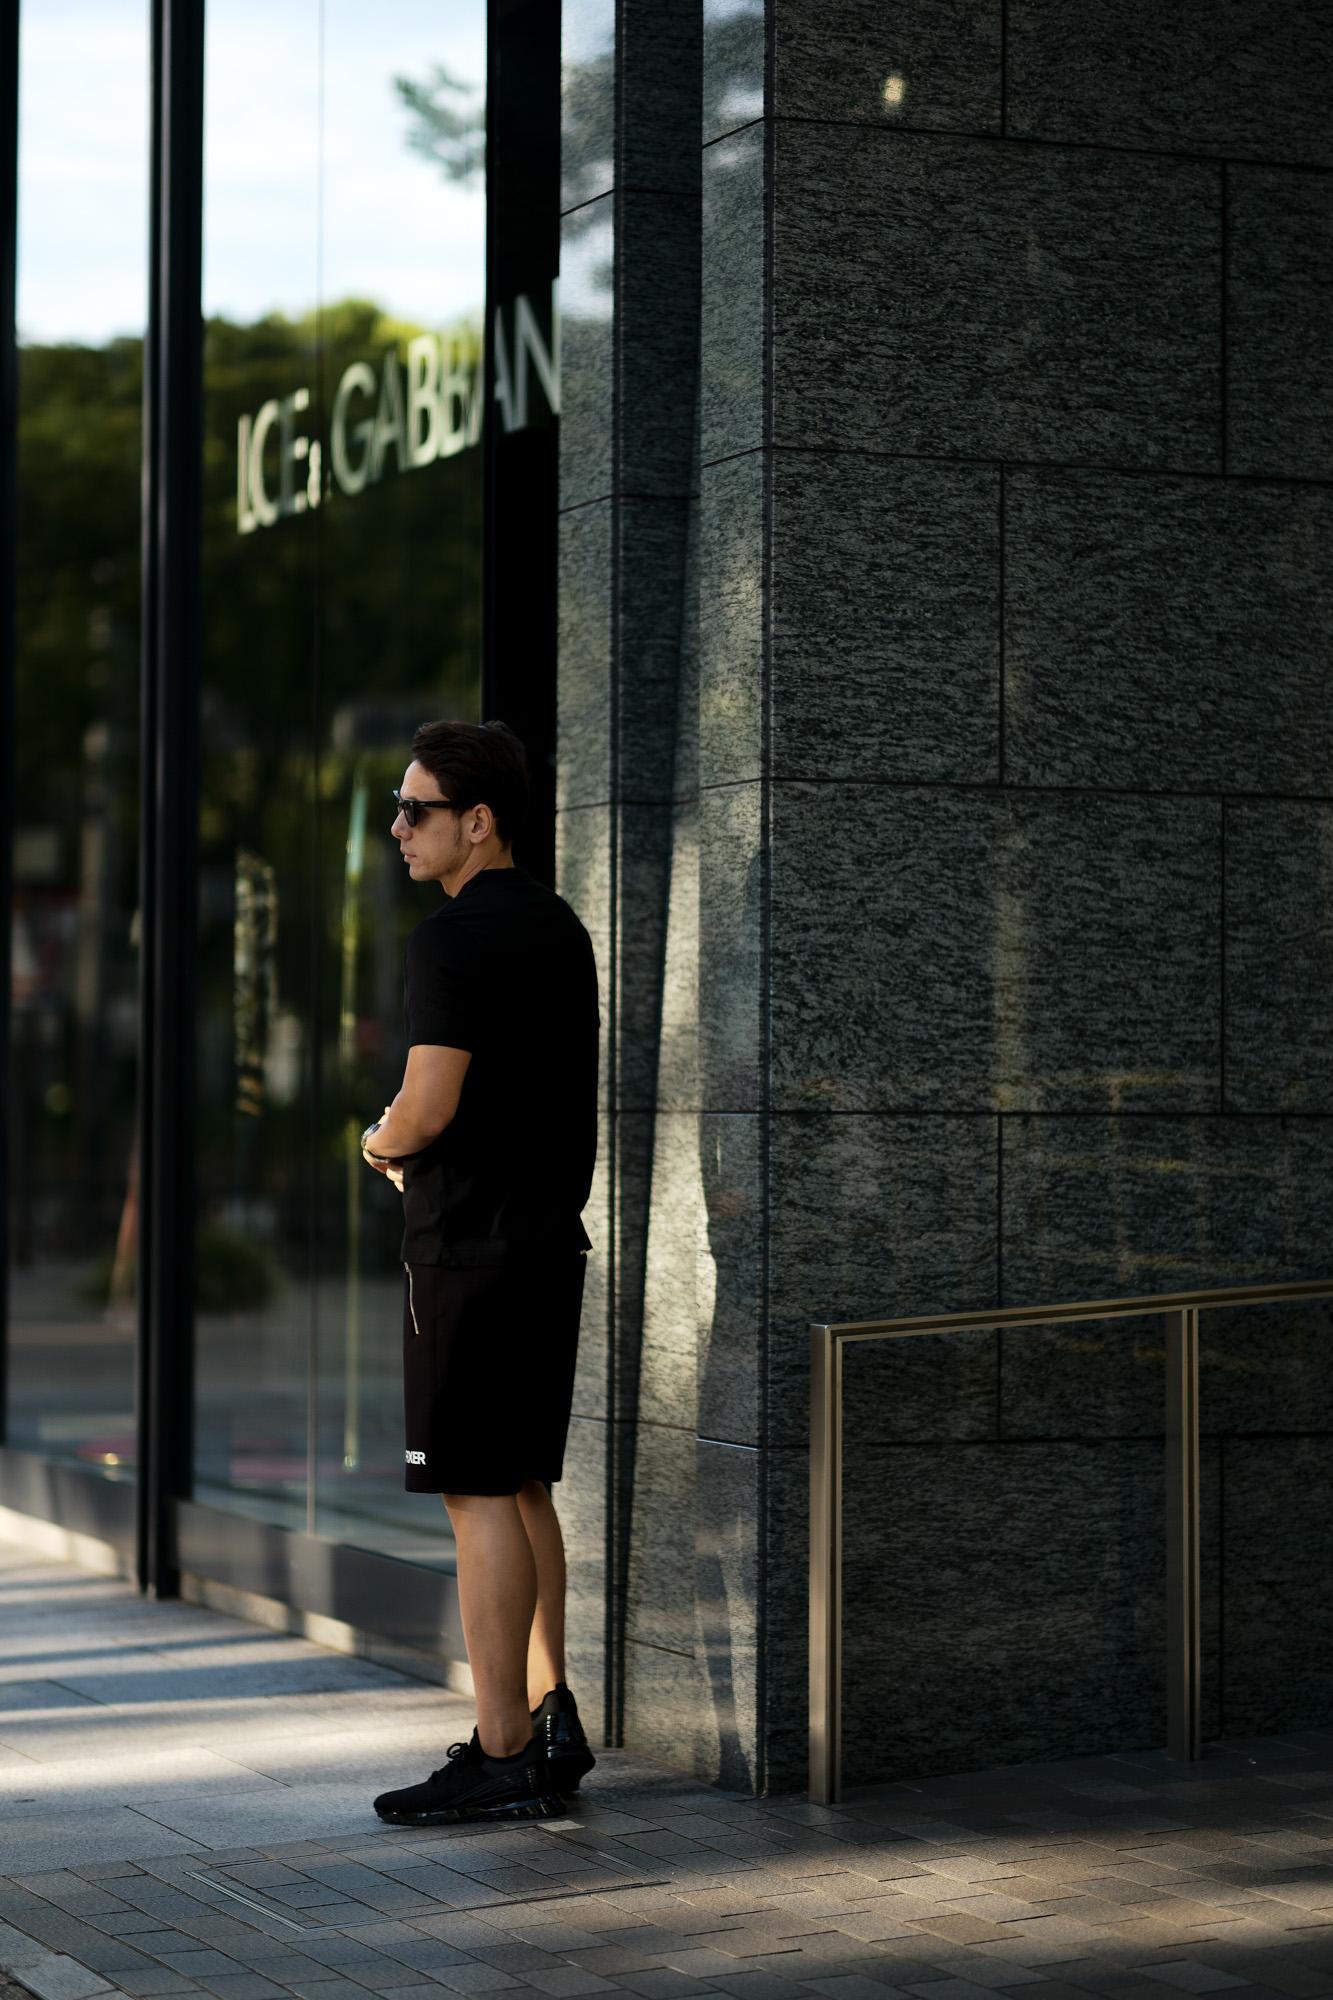 FIXER (フィクサー) FPT-02(エフピーティー02) Technical Jersey Short Pants テクニカルジャージー ショートパンツ BLACK (ブラック) 愛知 名古屋 Alto e Diritto altoediritto アルトエデリット ショーツ